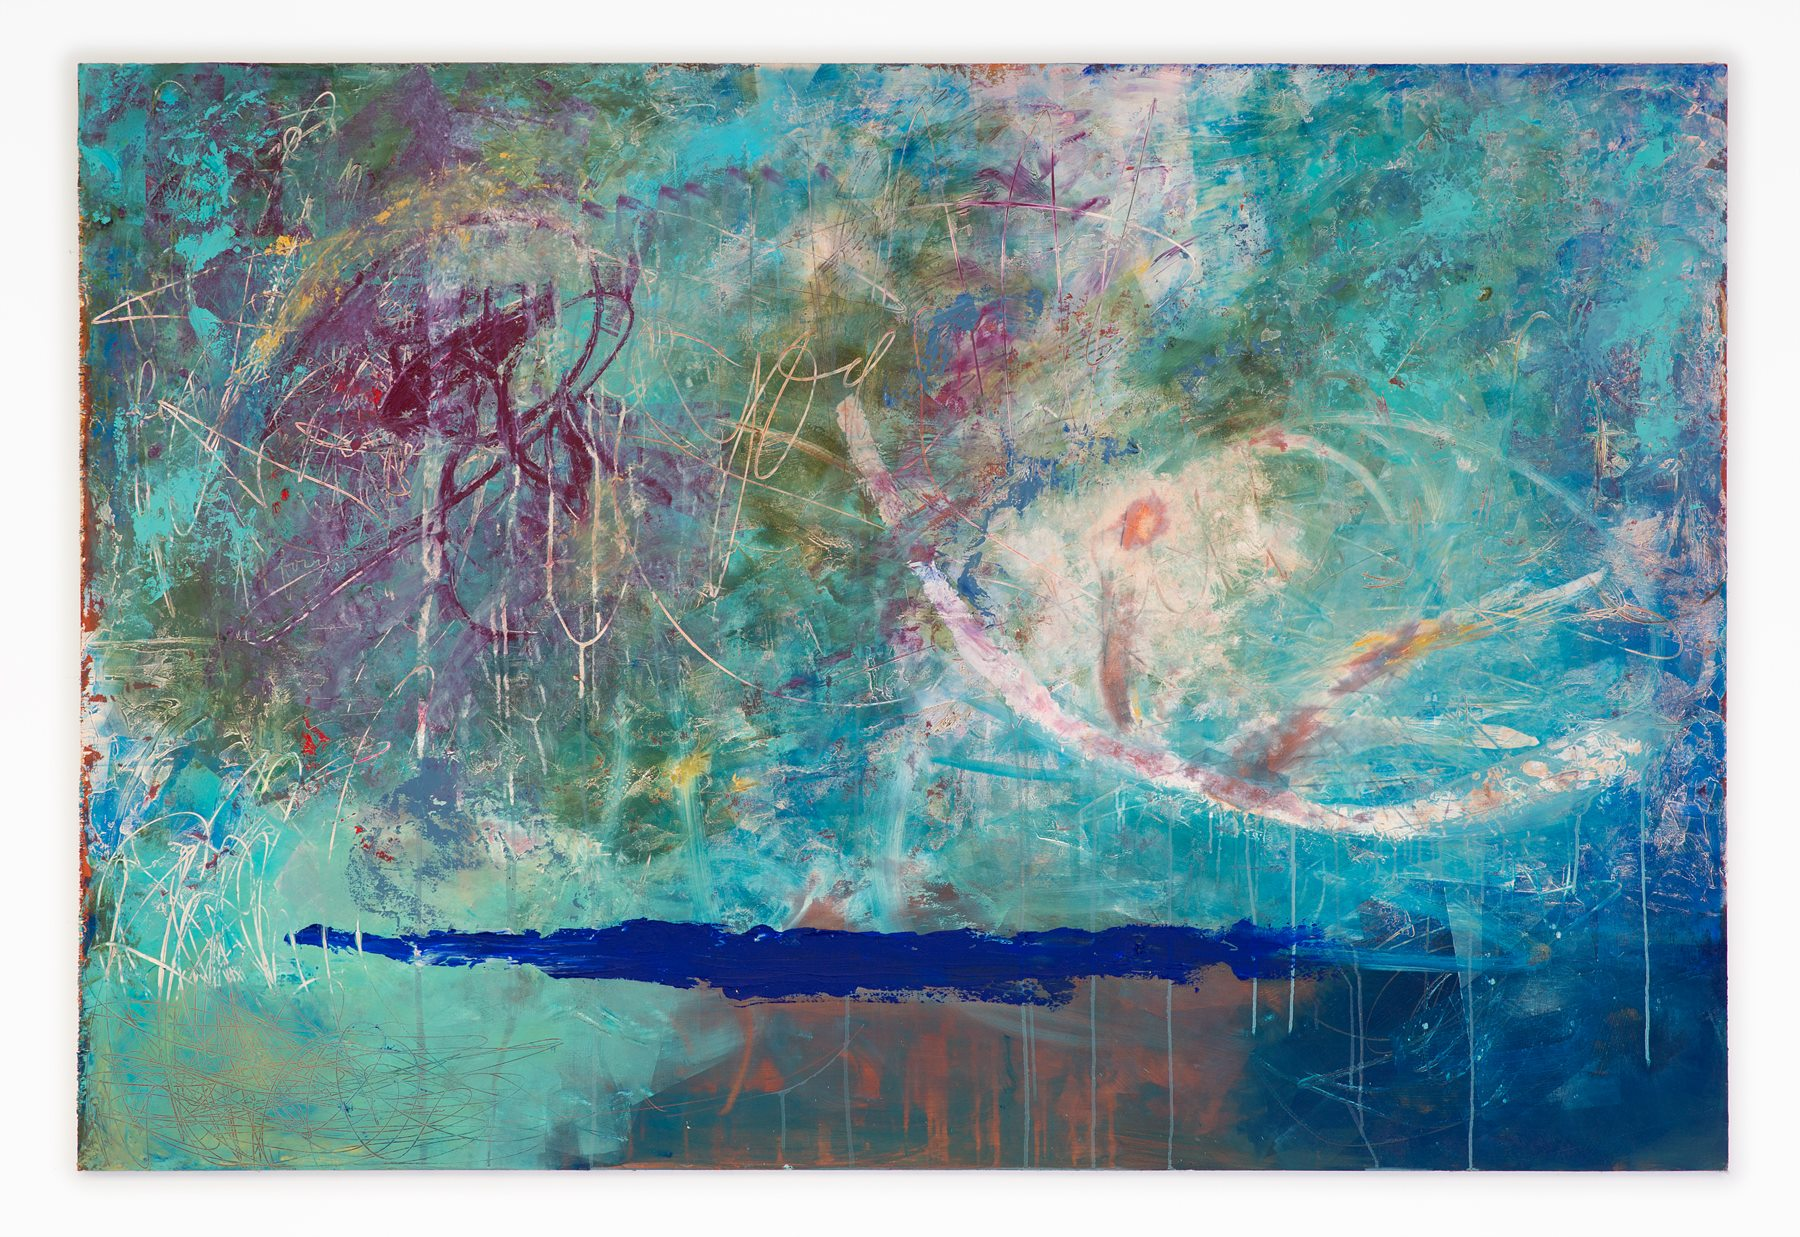 """Shoshana Goldstein - """"Forgiveness"""" Insta: @Shoshigirl  For Sale: $750"""